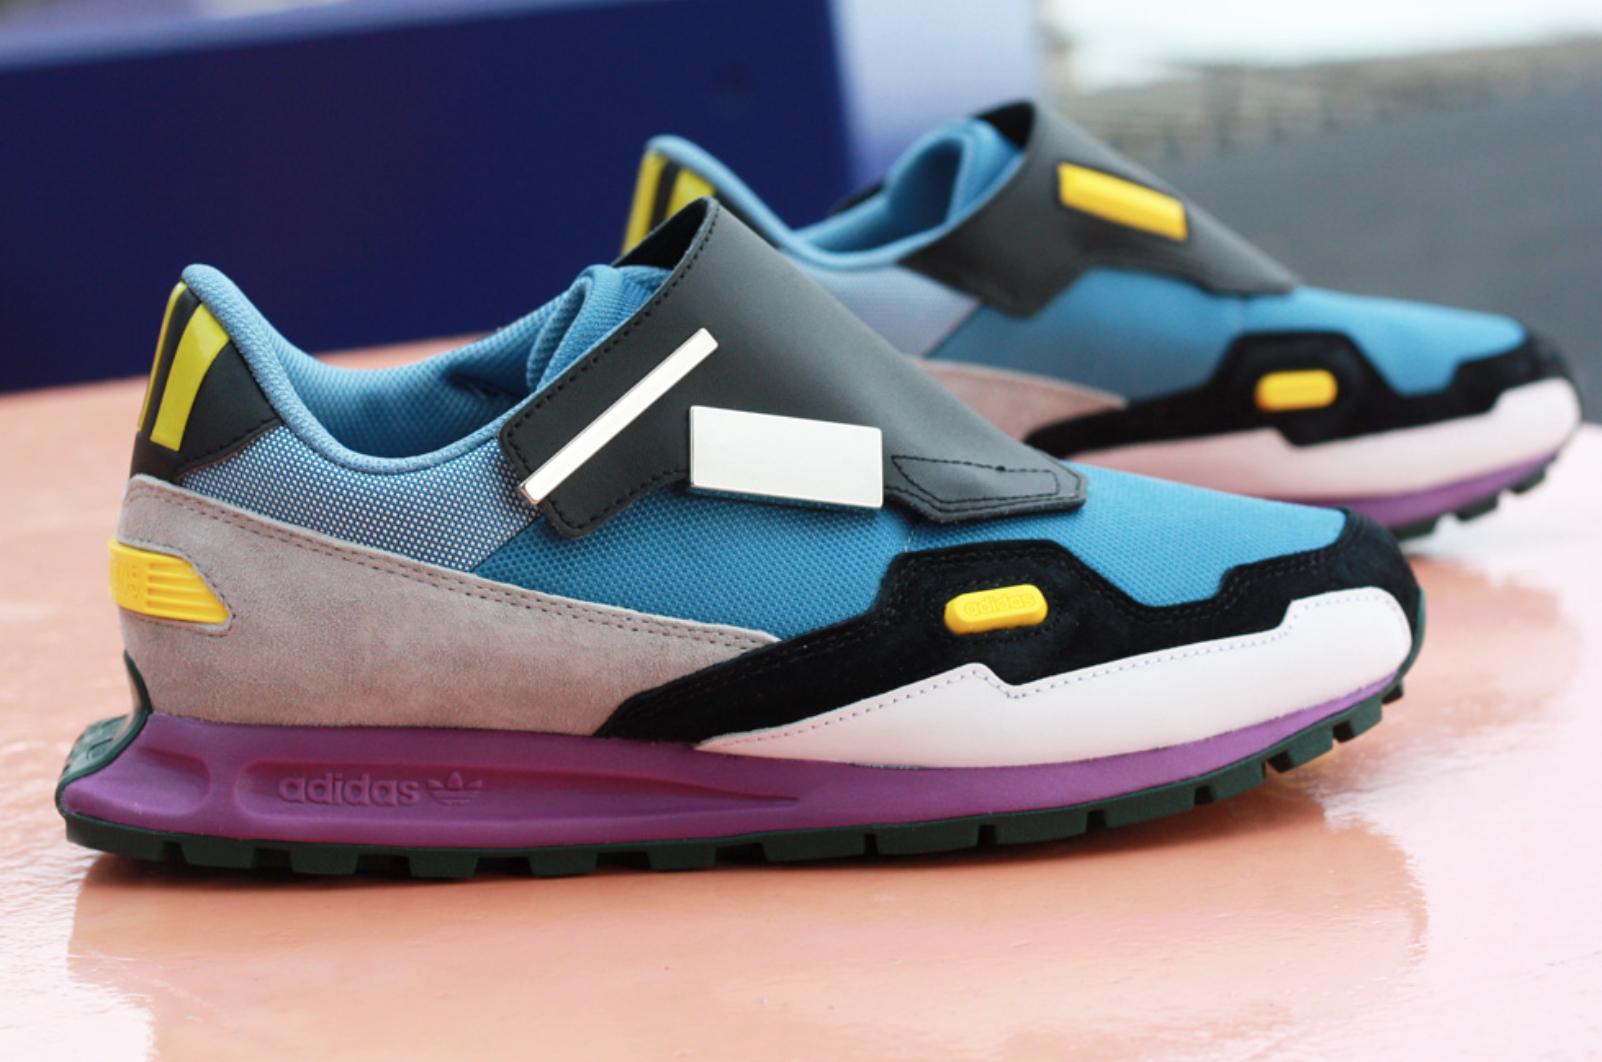 solicitud Es una suerte que dolor de cabeza  Formula One - Raf Simons Adidas | Sneakers, Sneaker boots, Sneakers fashion